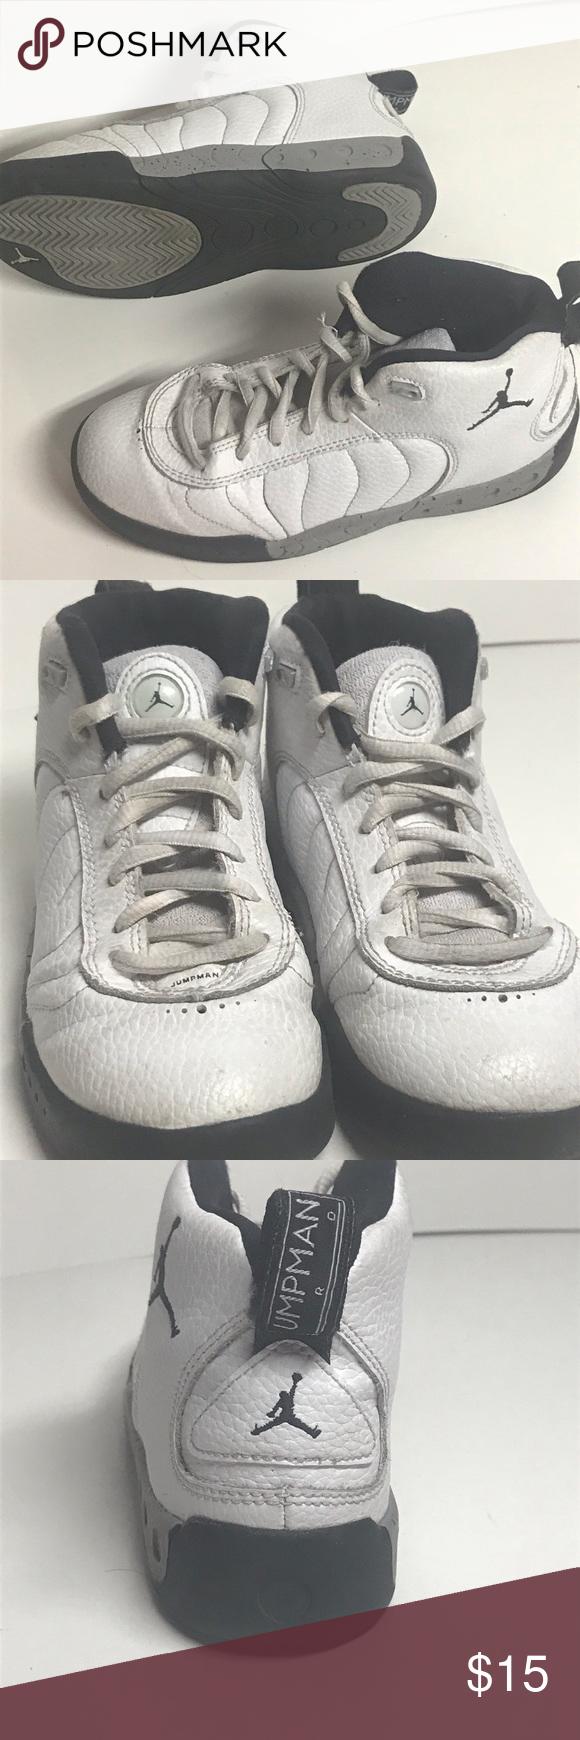 f0b3ca06e0fec0 Nike Air Jordan Jumpman Pro (PS) Shoes 909419-103 Nike Air Jordan Jumpman  Pro (PS) Shoes White Black Gray 909419-103 Jordan Shoes Sneakers